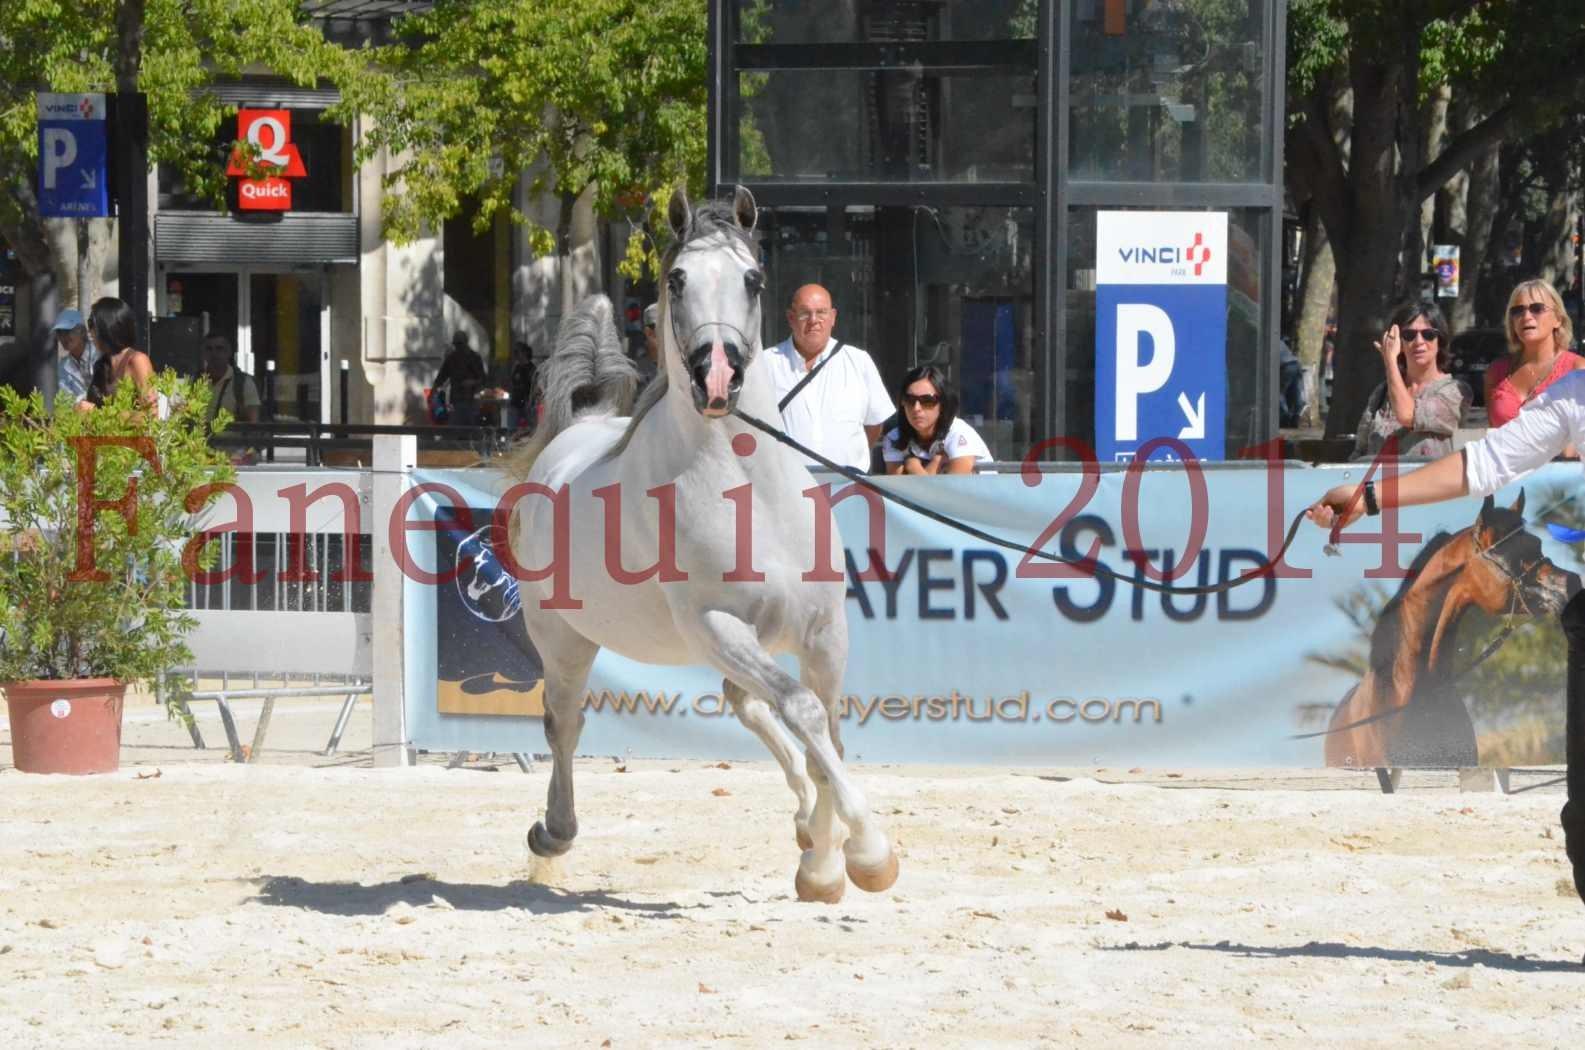 Concours National de Nîmes de chevaux ARABES 2014 - Sélection - SHAOLIN DE NEDJAIA - 45